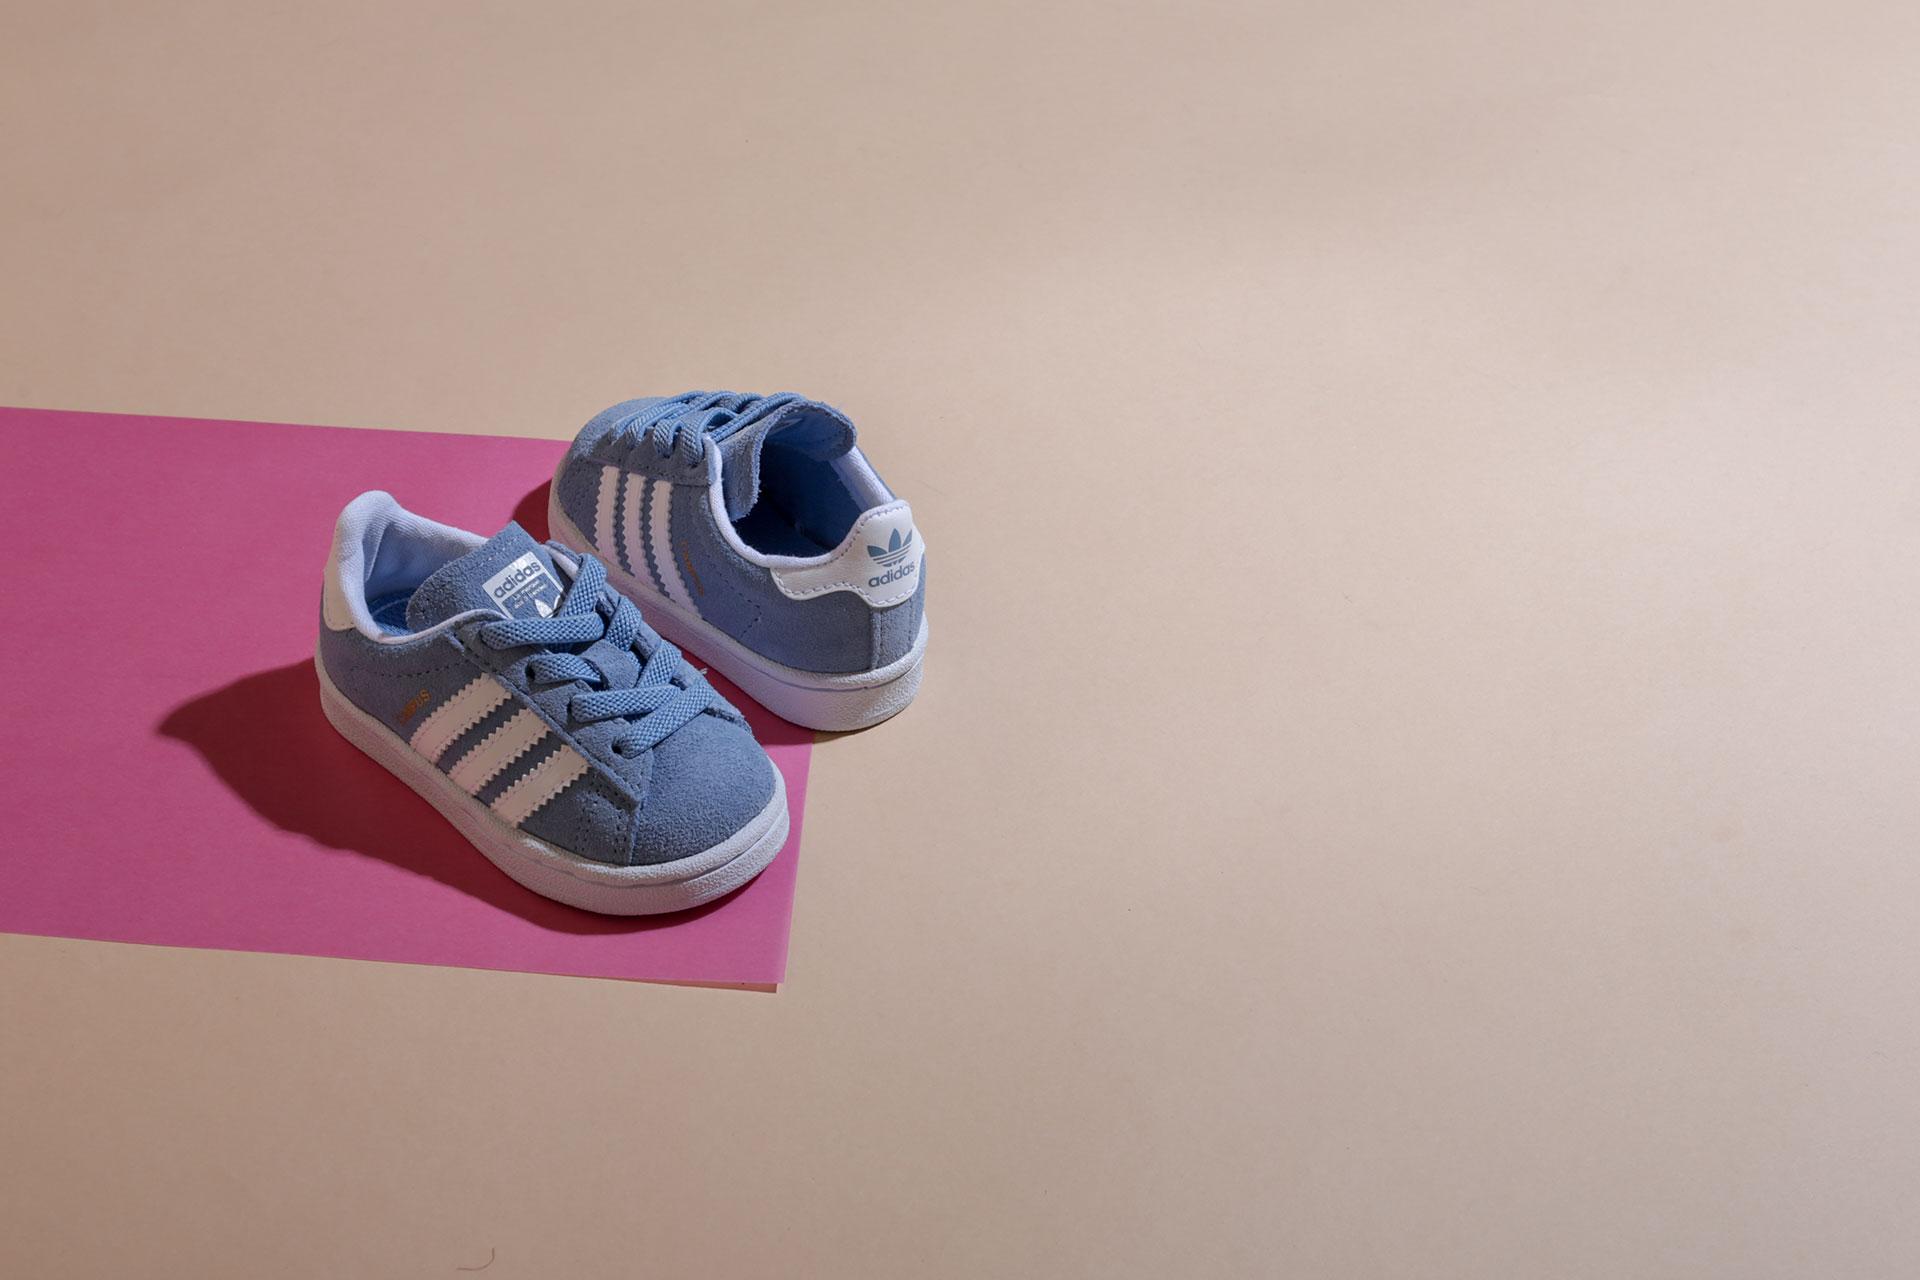 Купить детские кроссовки adidas Originals (Адидас Ориджинал) по цене от 1890  рублей в интернет магазине Sneakerhead 0180d7cdc47